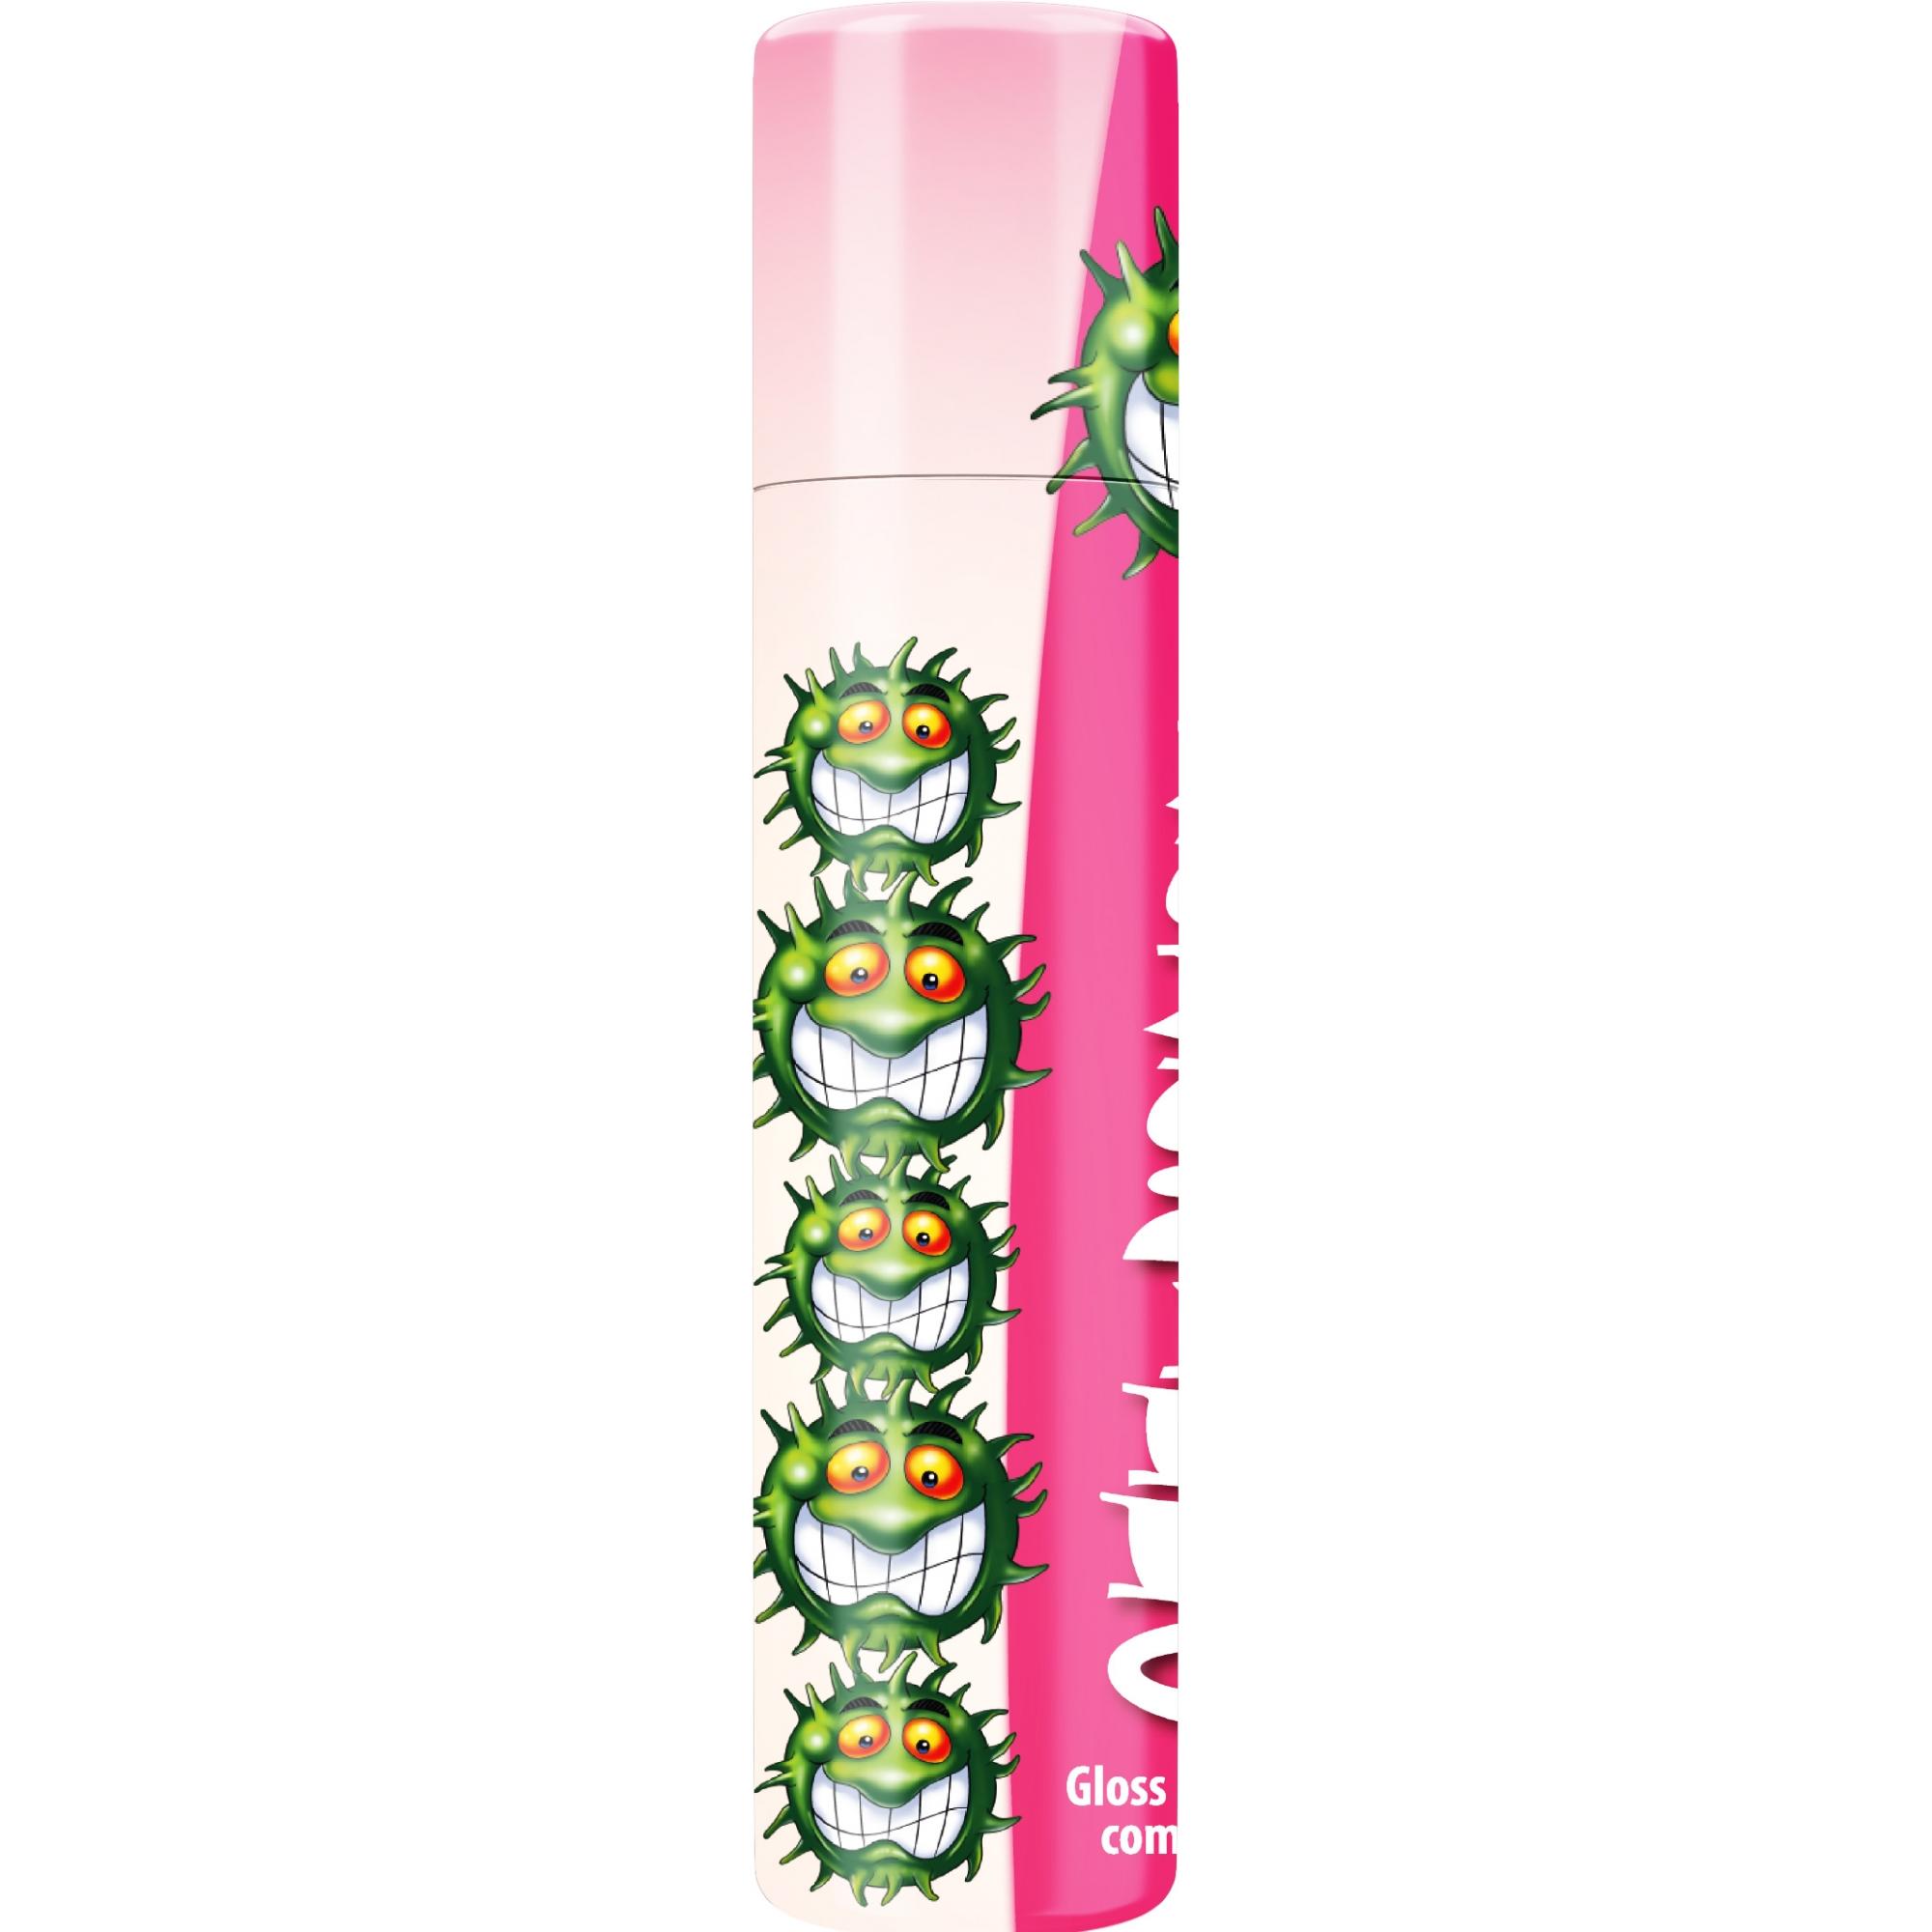 MEU XUXUZINHO 7g - Gloss Eletrizante de babaloo com pimenta